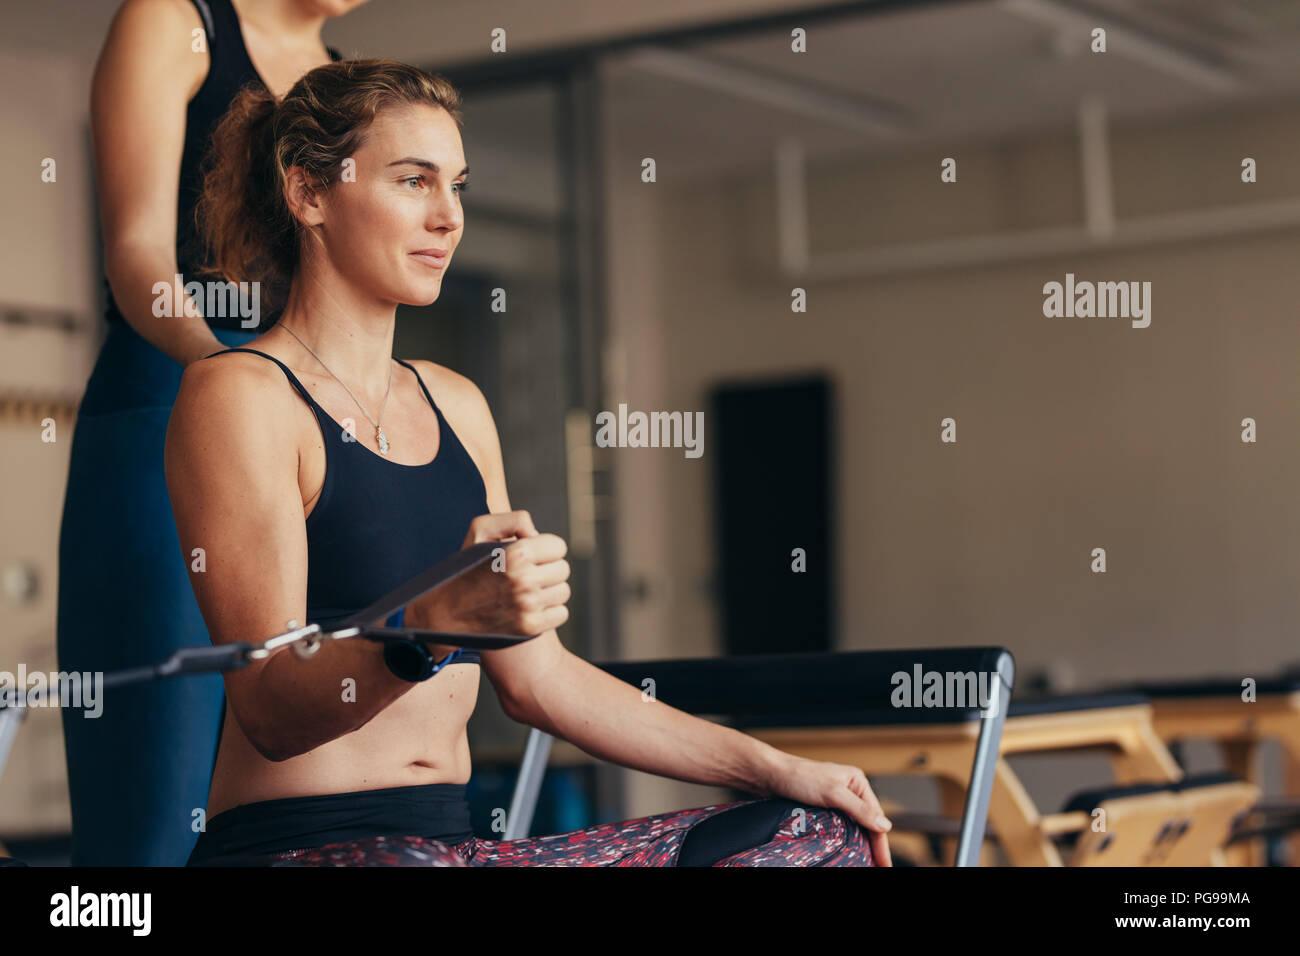 Frau sitzt auf einem Pilates Training Maschine ziehen Fitnessband mit ihrer Hand. Stockfoto